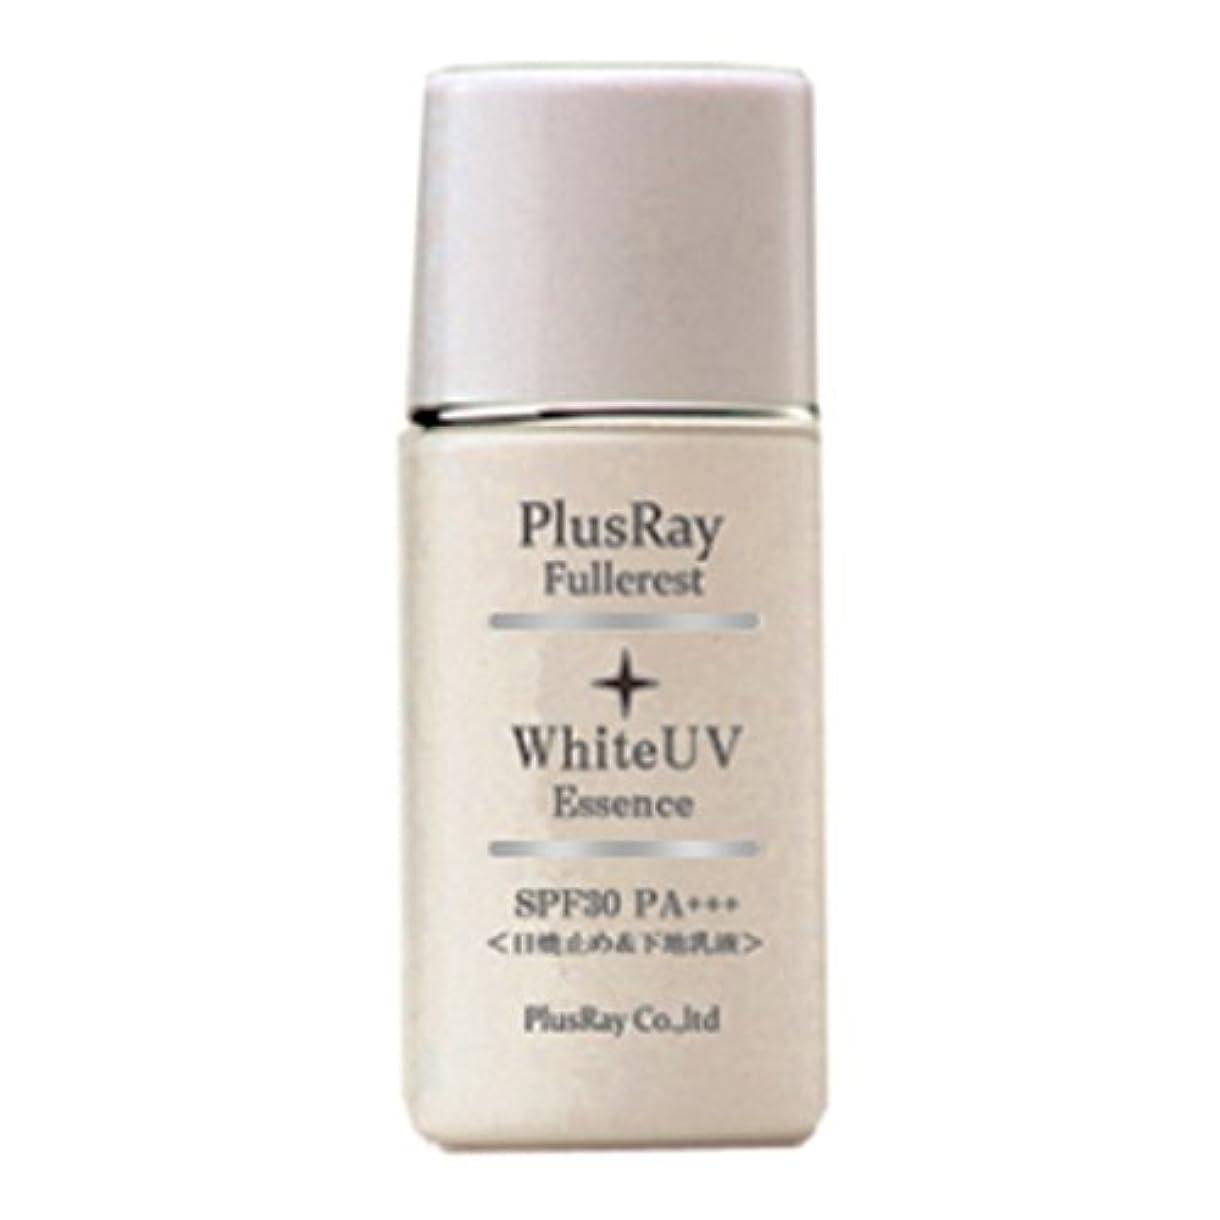 切るメダルサイクルプラスレイ(PlusRay)化粧品 フラーレスト ホワイト UV エッセンス 化粧下地 紫外線対策 A波 B波 対応 乳液タイプ